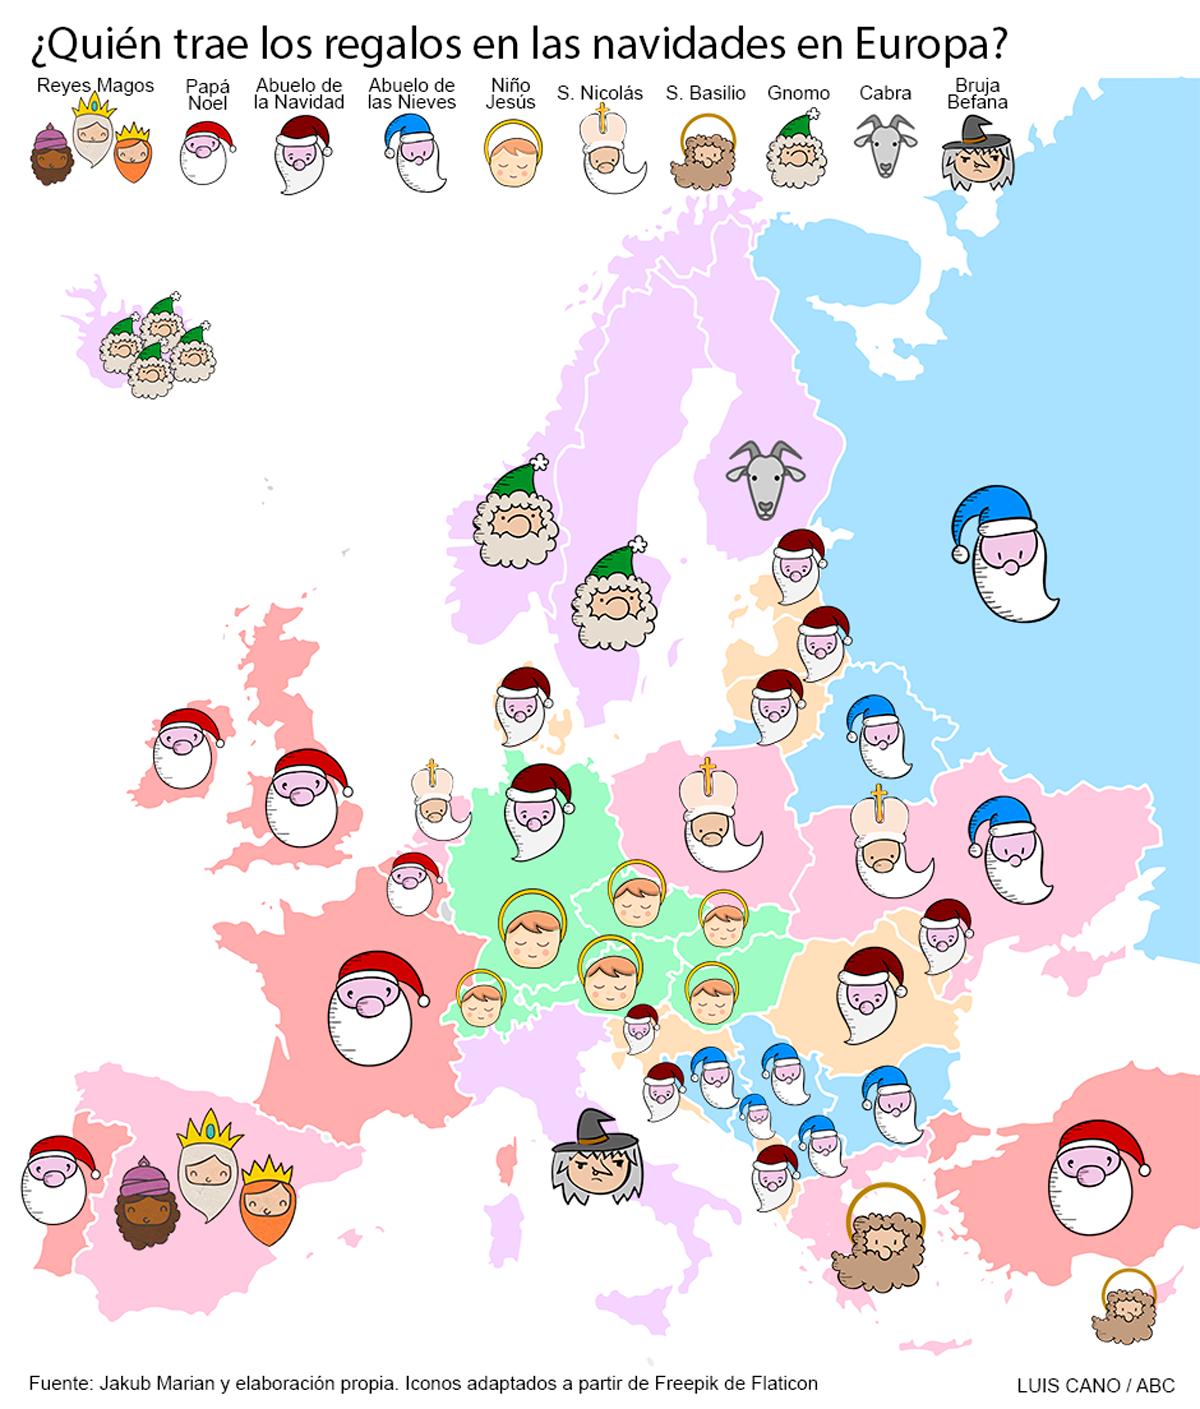 Imagenes De Papa Noel De Navidad.Quien Trae Los Regalos En Las Navidades En Cada Pais De Europa